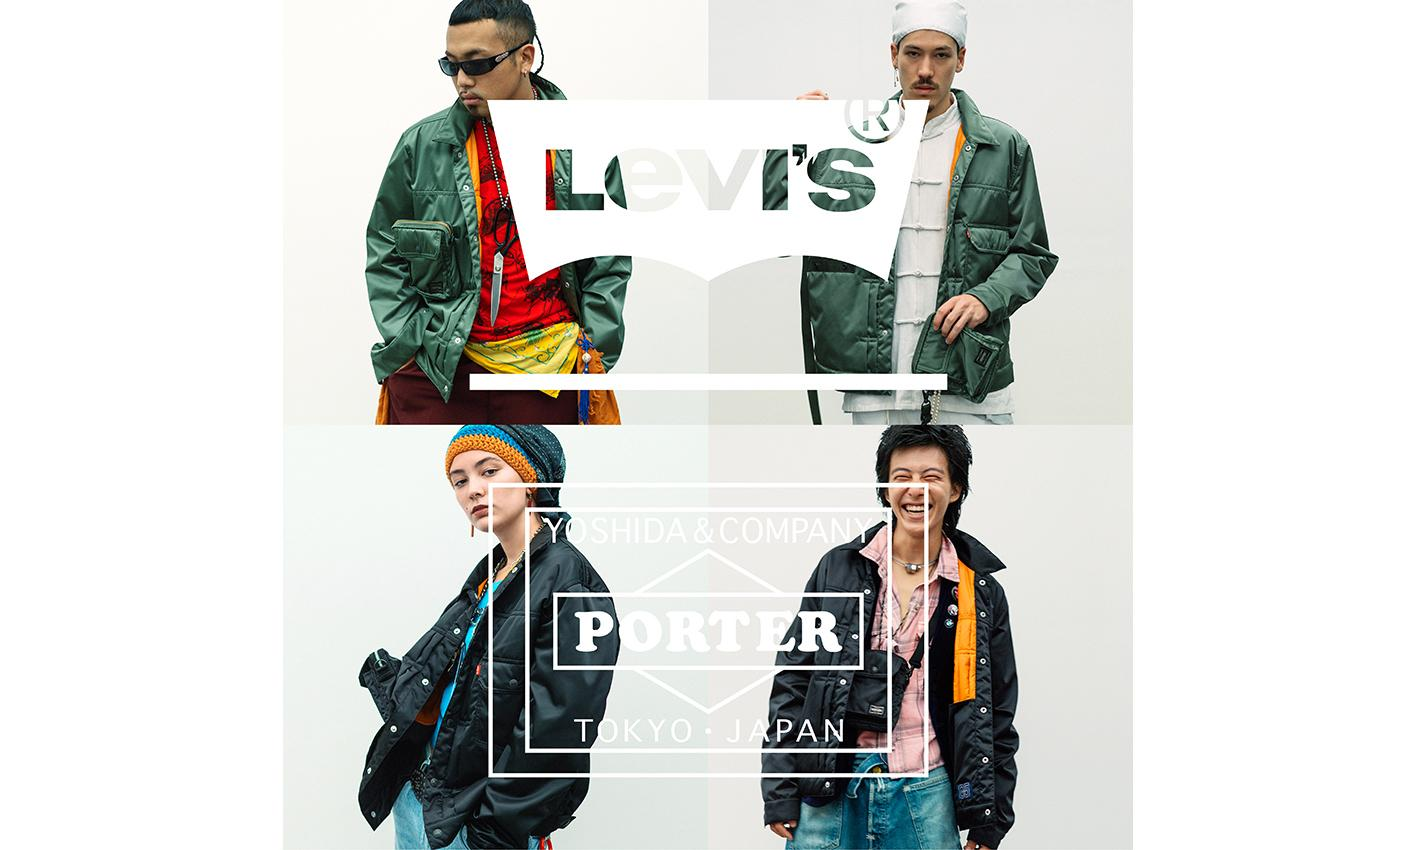 85 周年献礼继续,Levi's x PORTER 联名夹克系列登场